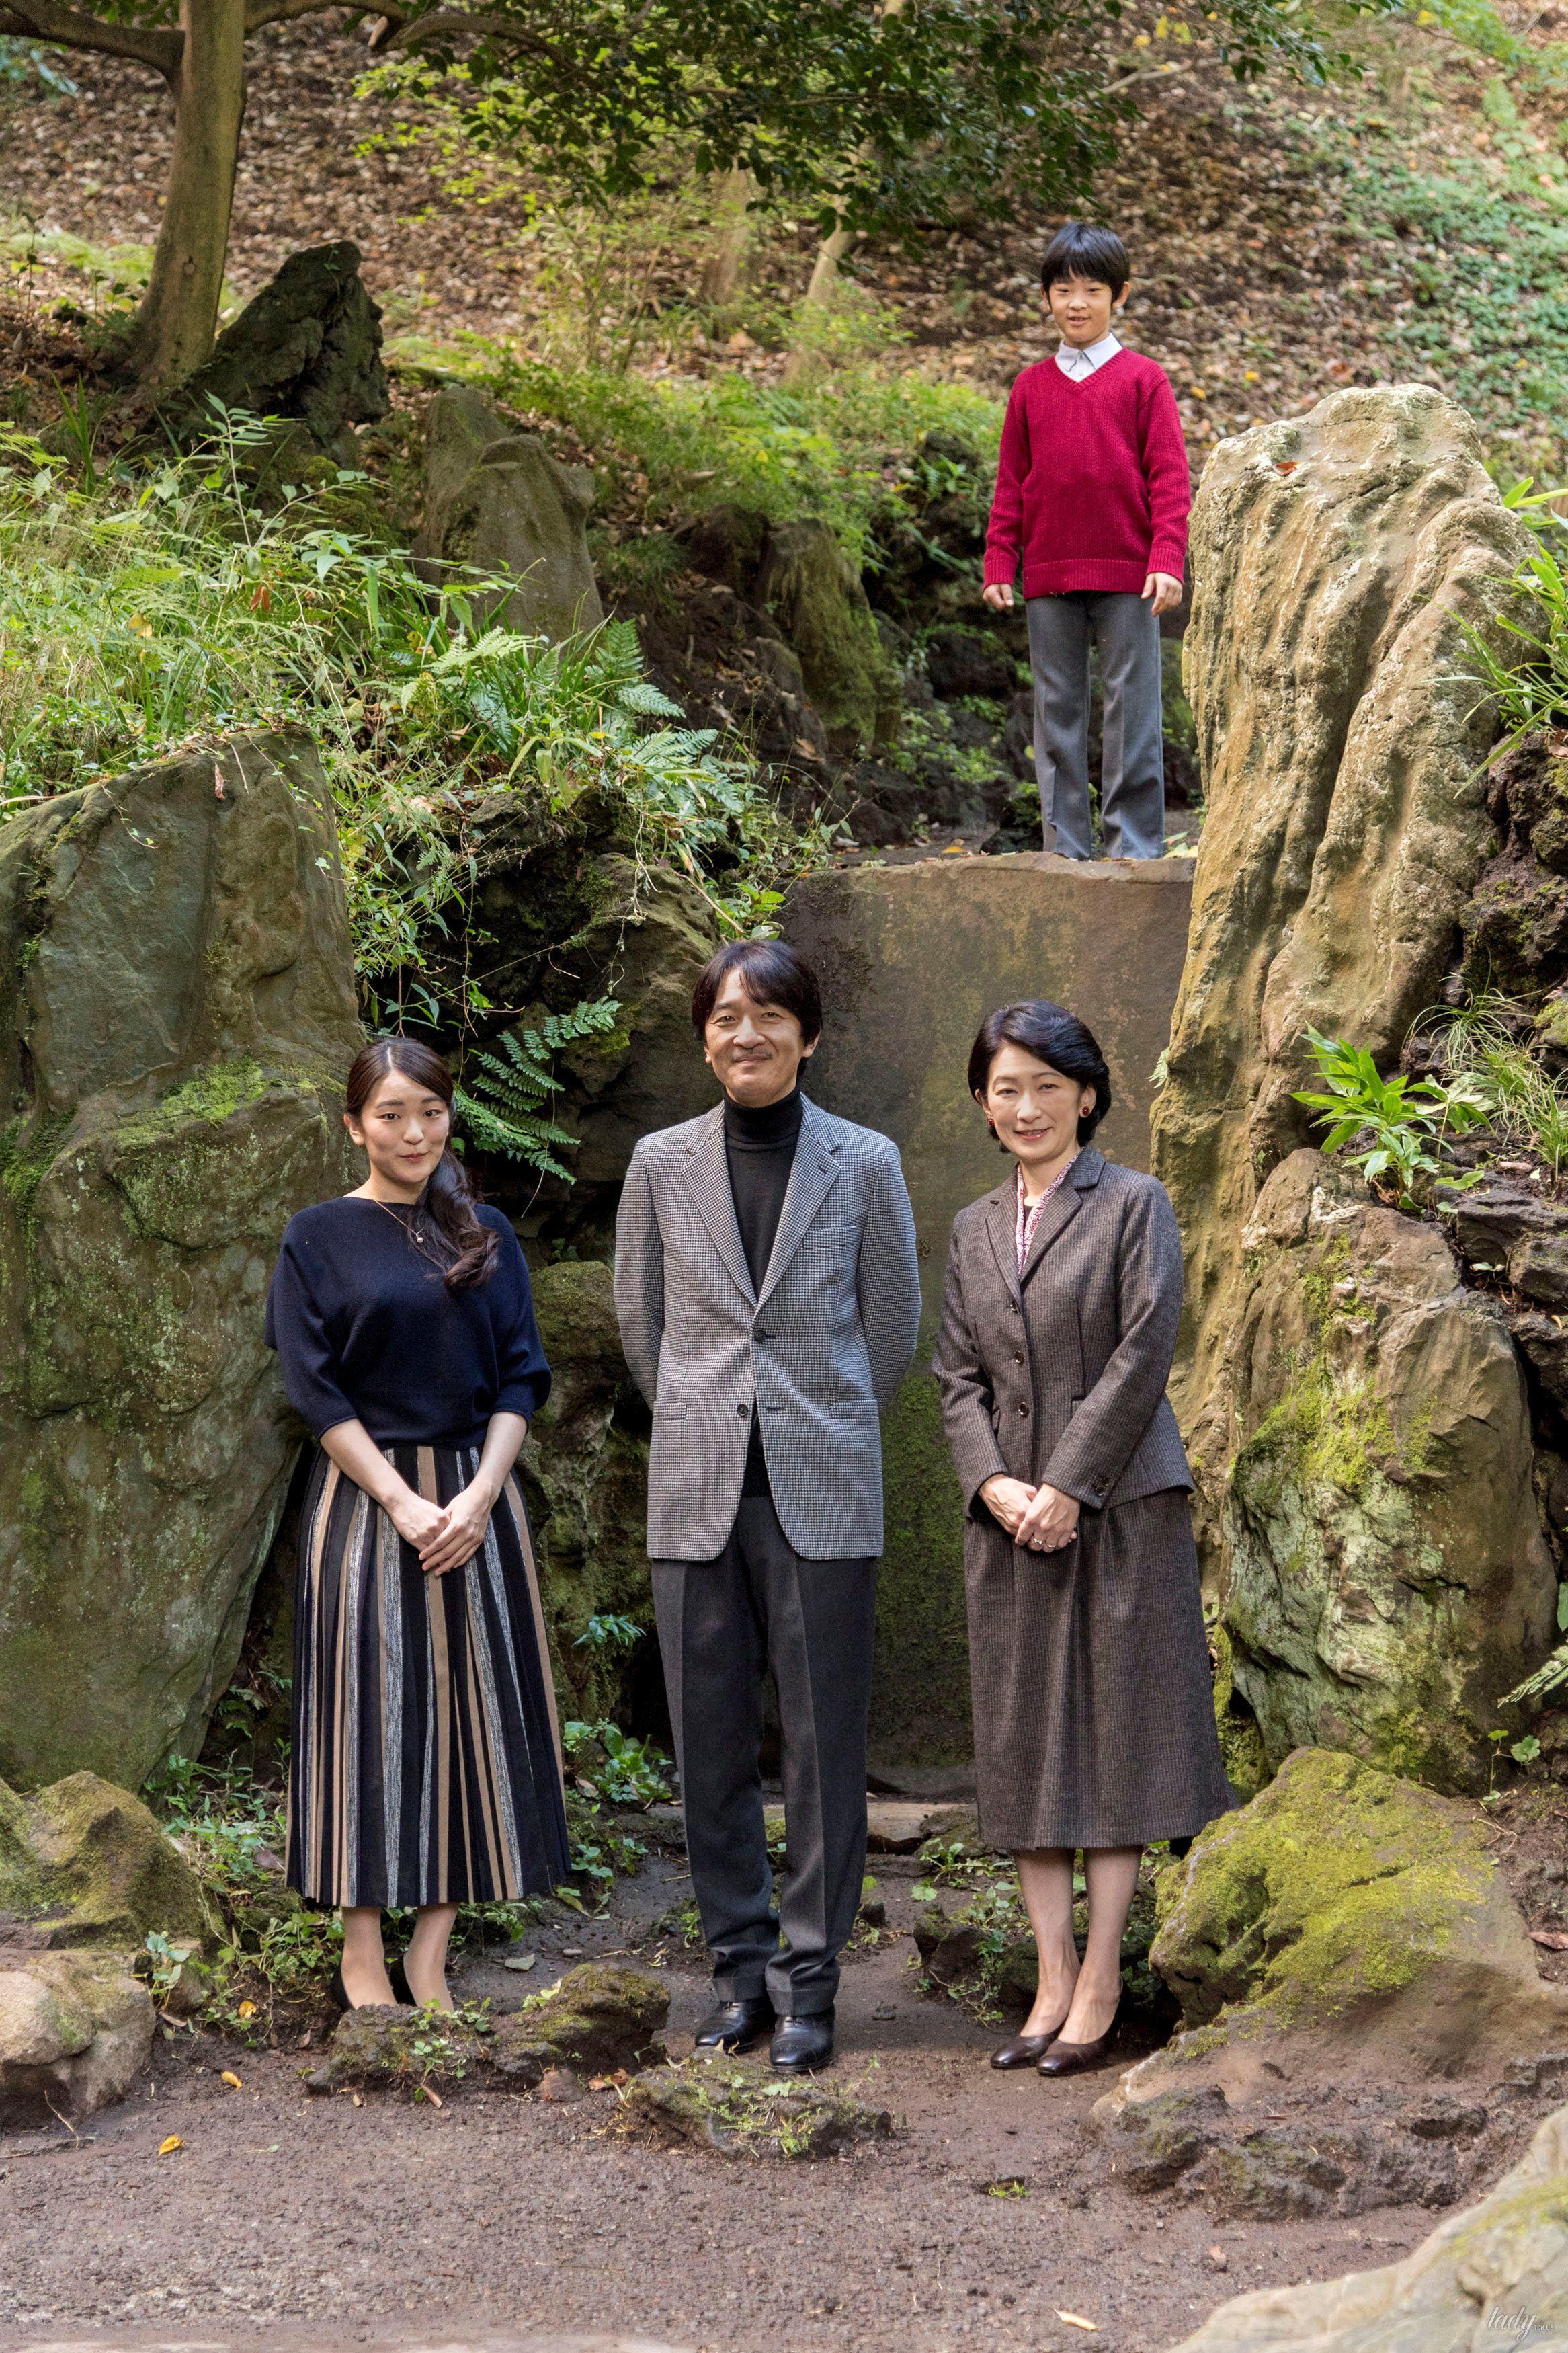 Японский принц Акисино, его жена принцесса Кико и их дети - принц Хисахито и принцесса Мако_6